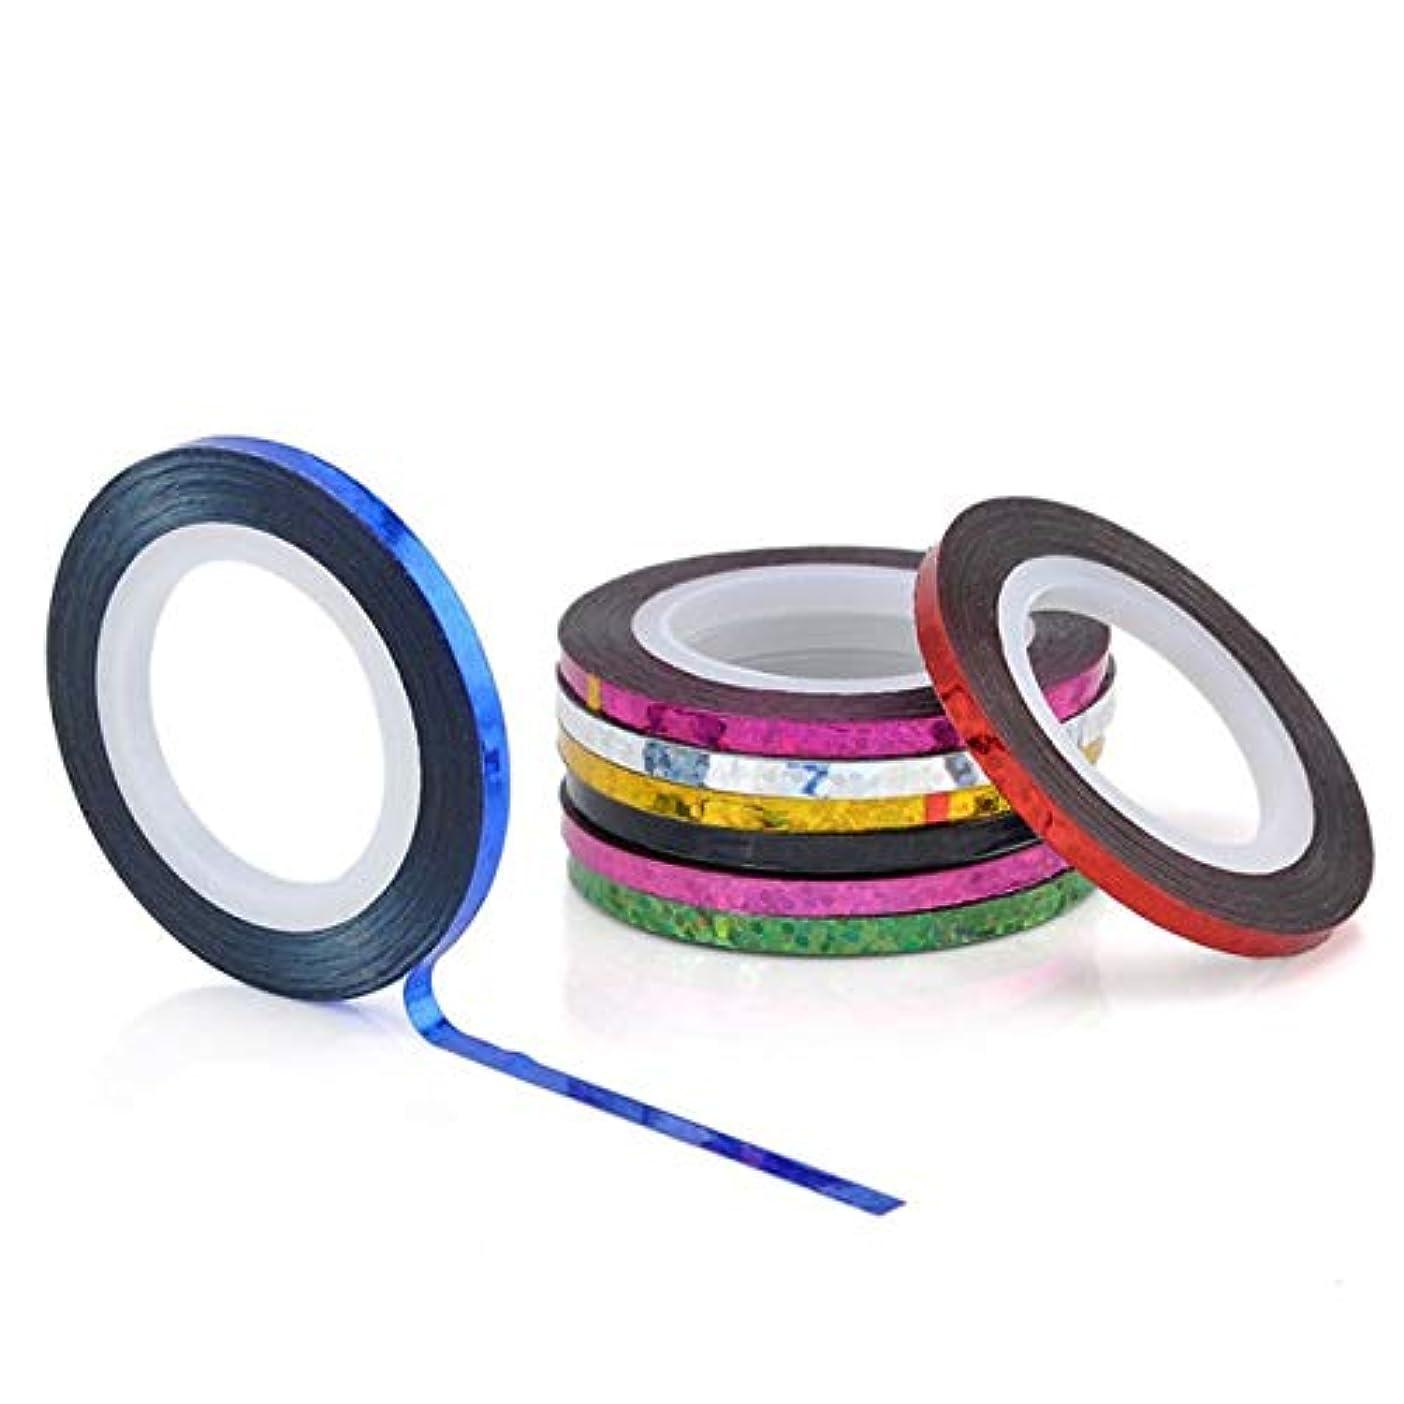 意図する修士号不規則なサリーの店 ネイルジュエリーステッカーを使用してネイルテープステッカー(None 8 color random 2mm)